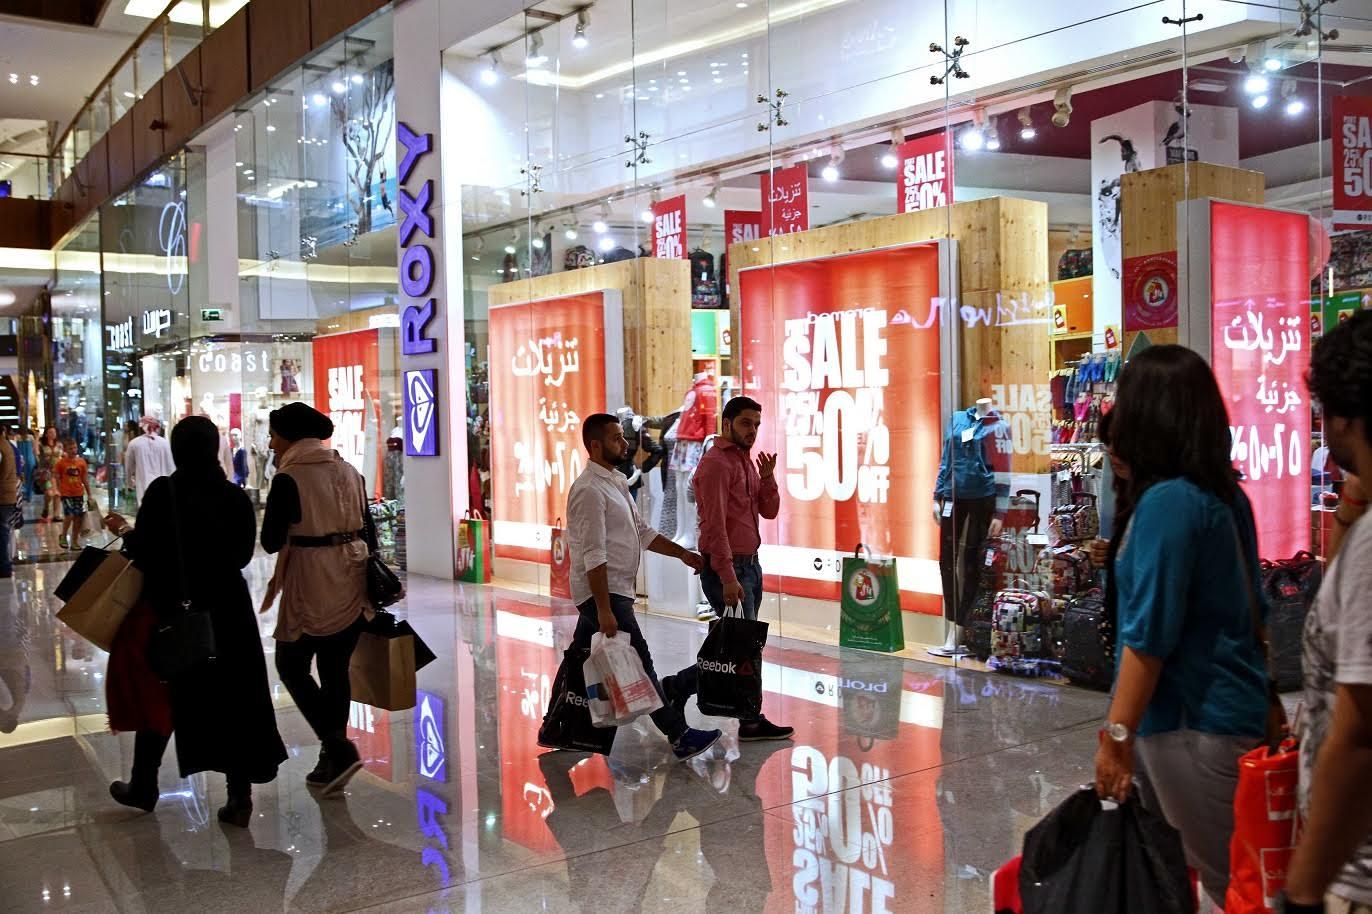 Шоппинг в Дубае — что привезти и где покупать, рынки и аутлеты Дубая 2dafe50963d